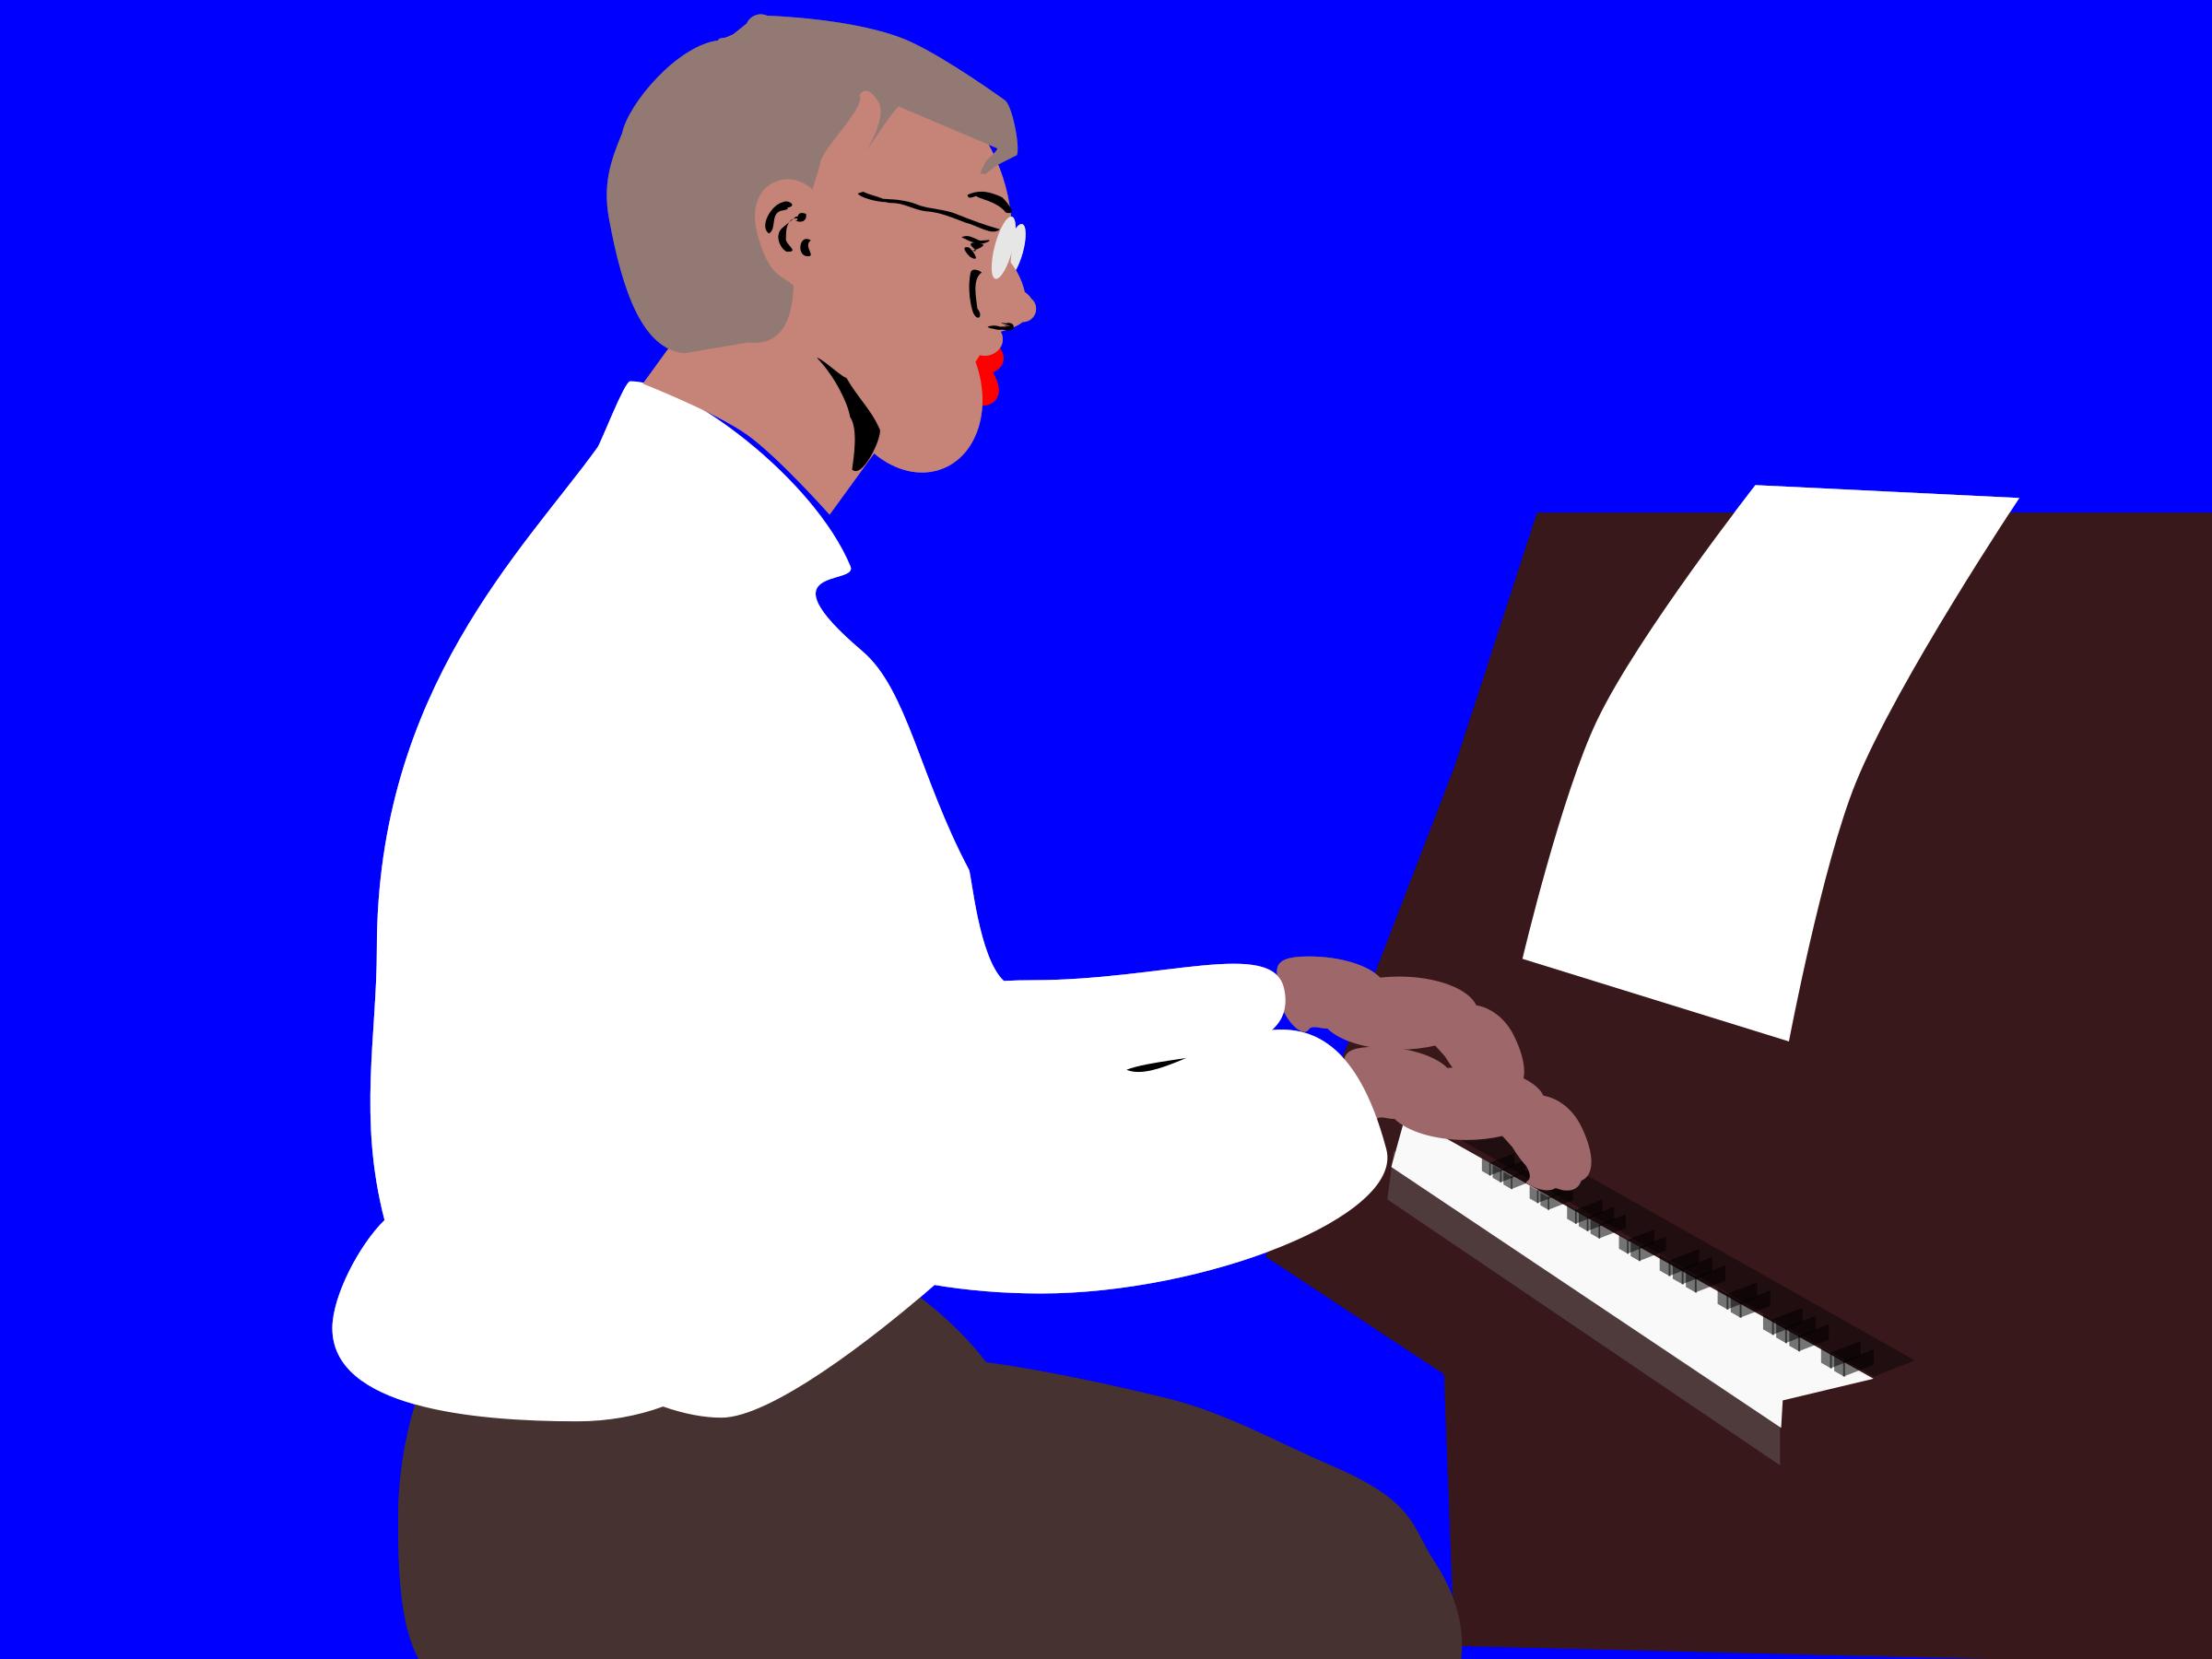 Clipart piano pianist. Clipartmonk free clip art